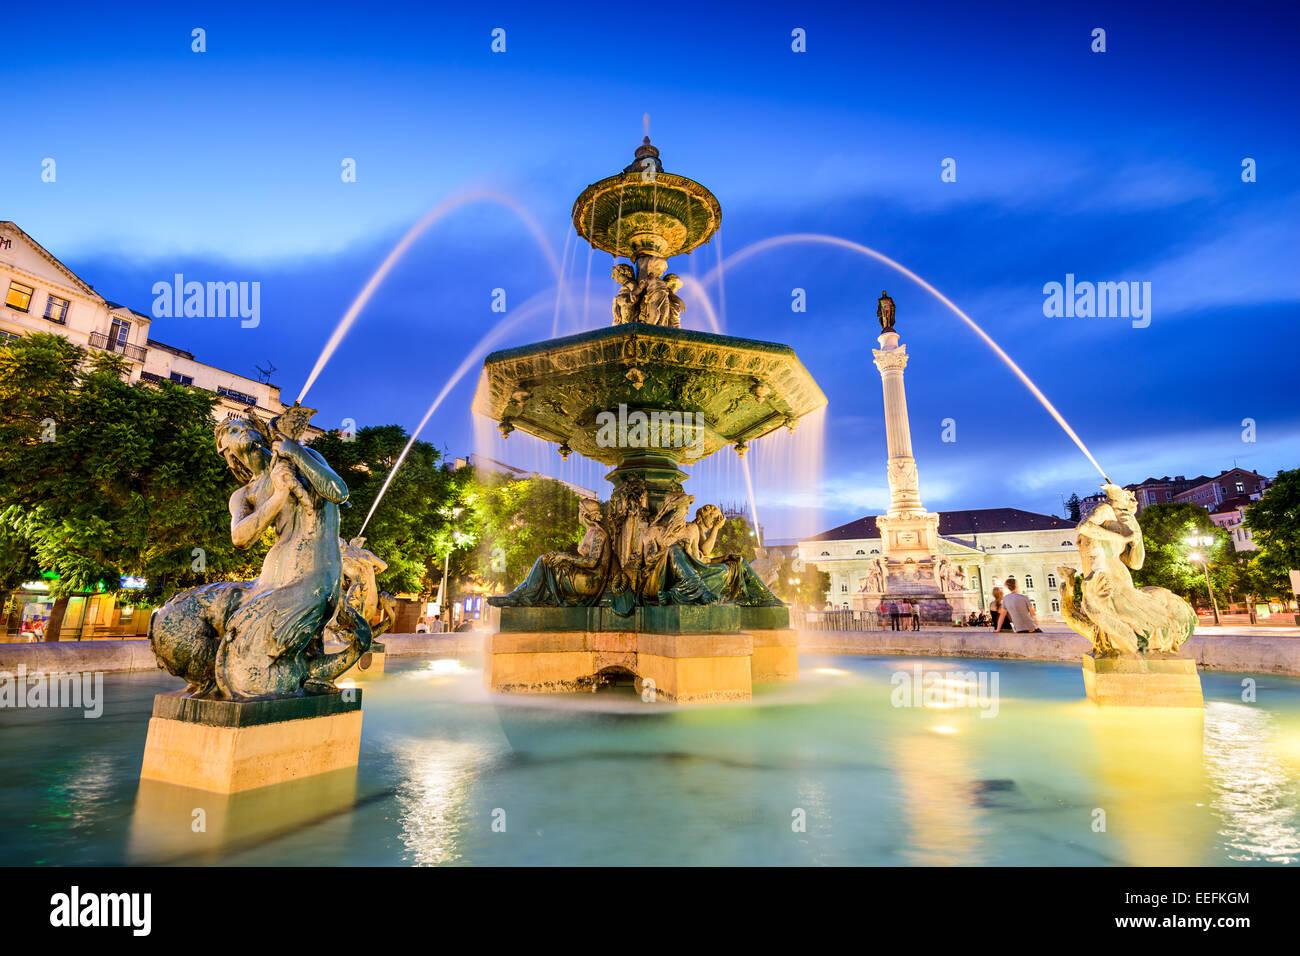 Rossio Square fountain in Lisbon, Portugal - Stock Image